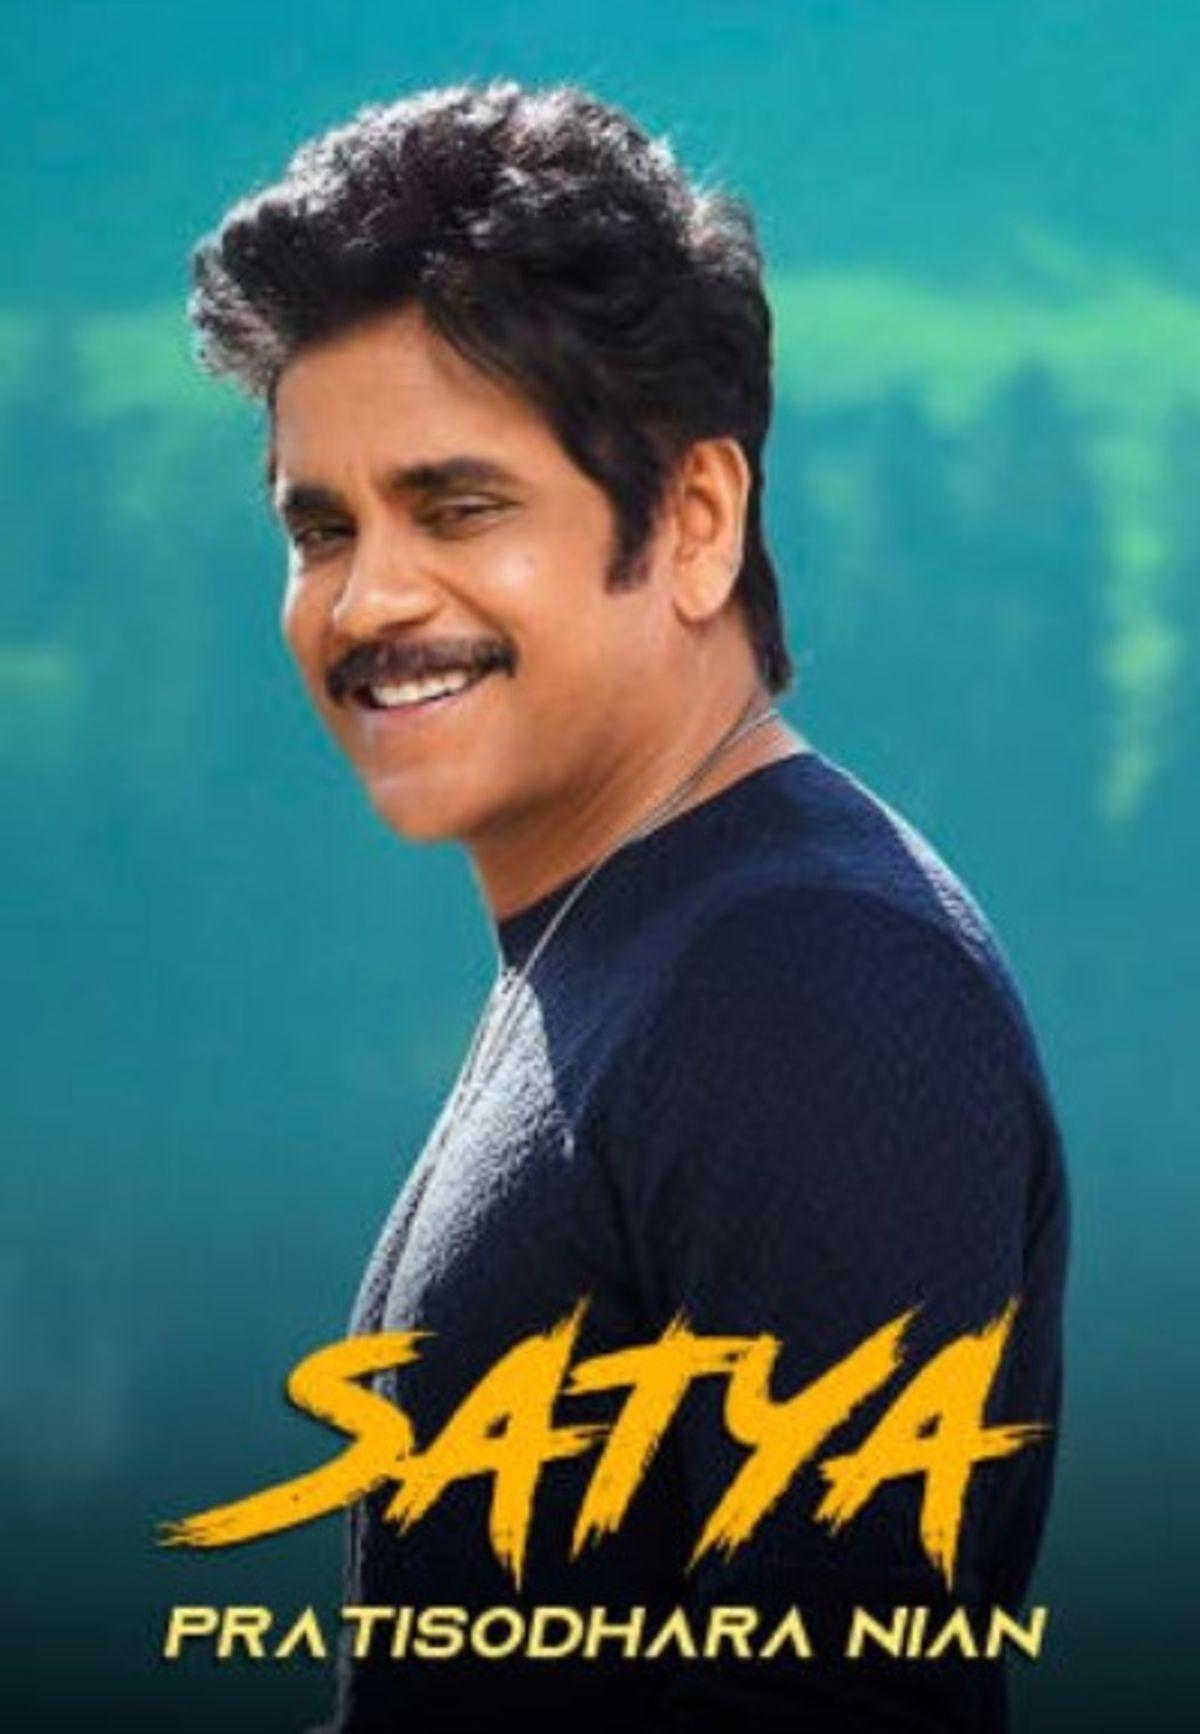 Satya - Pratisodhara Nian